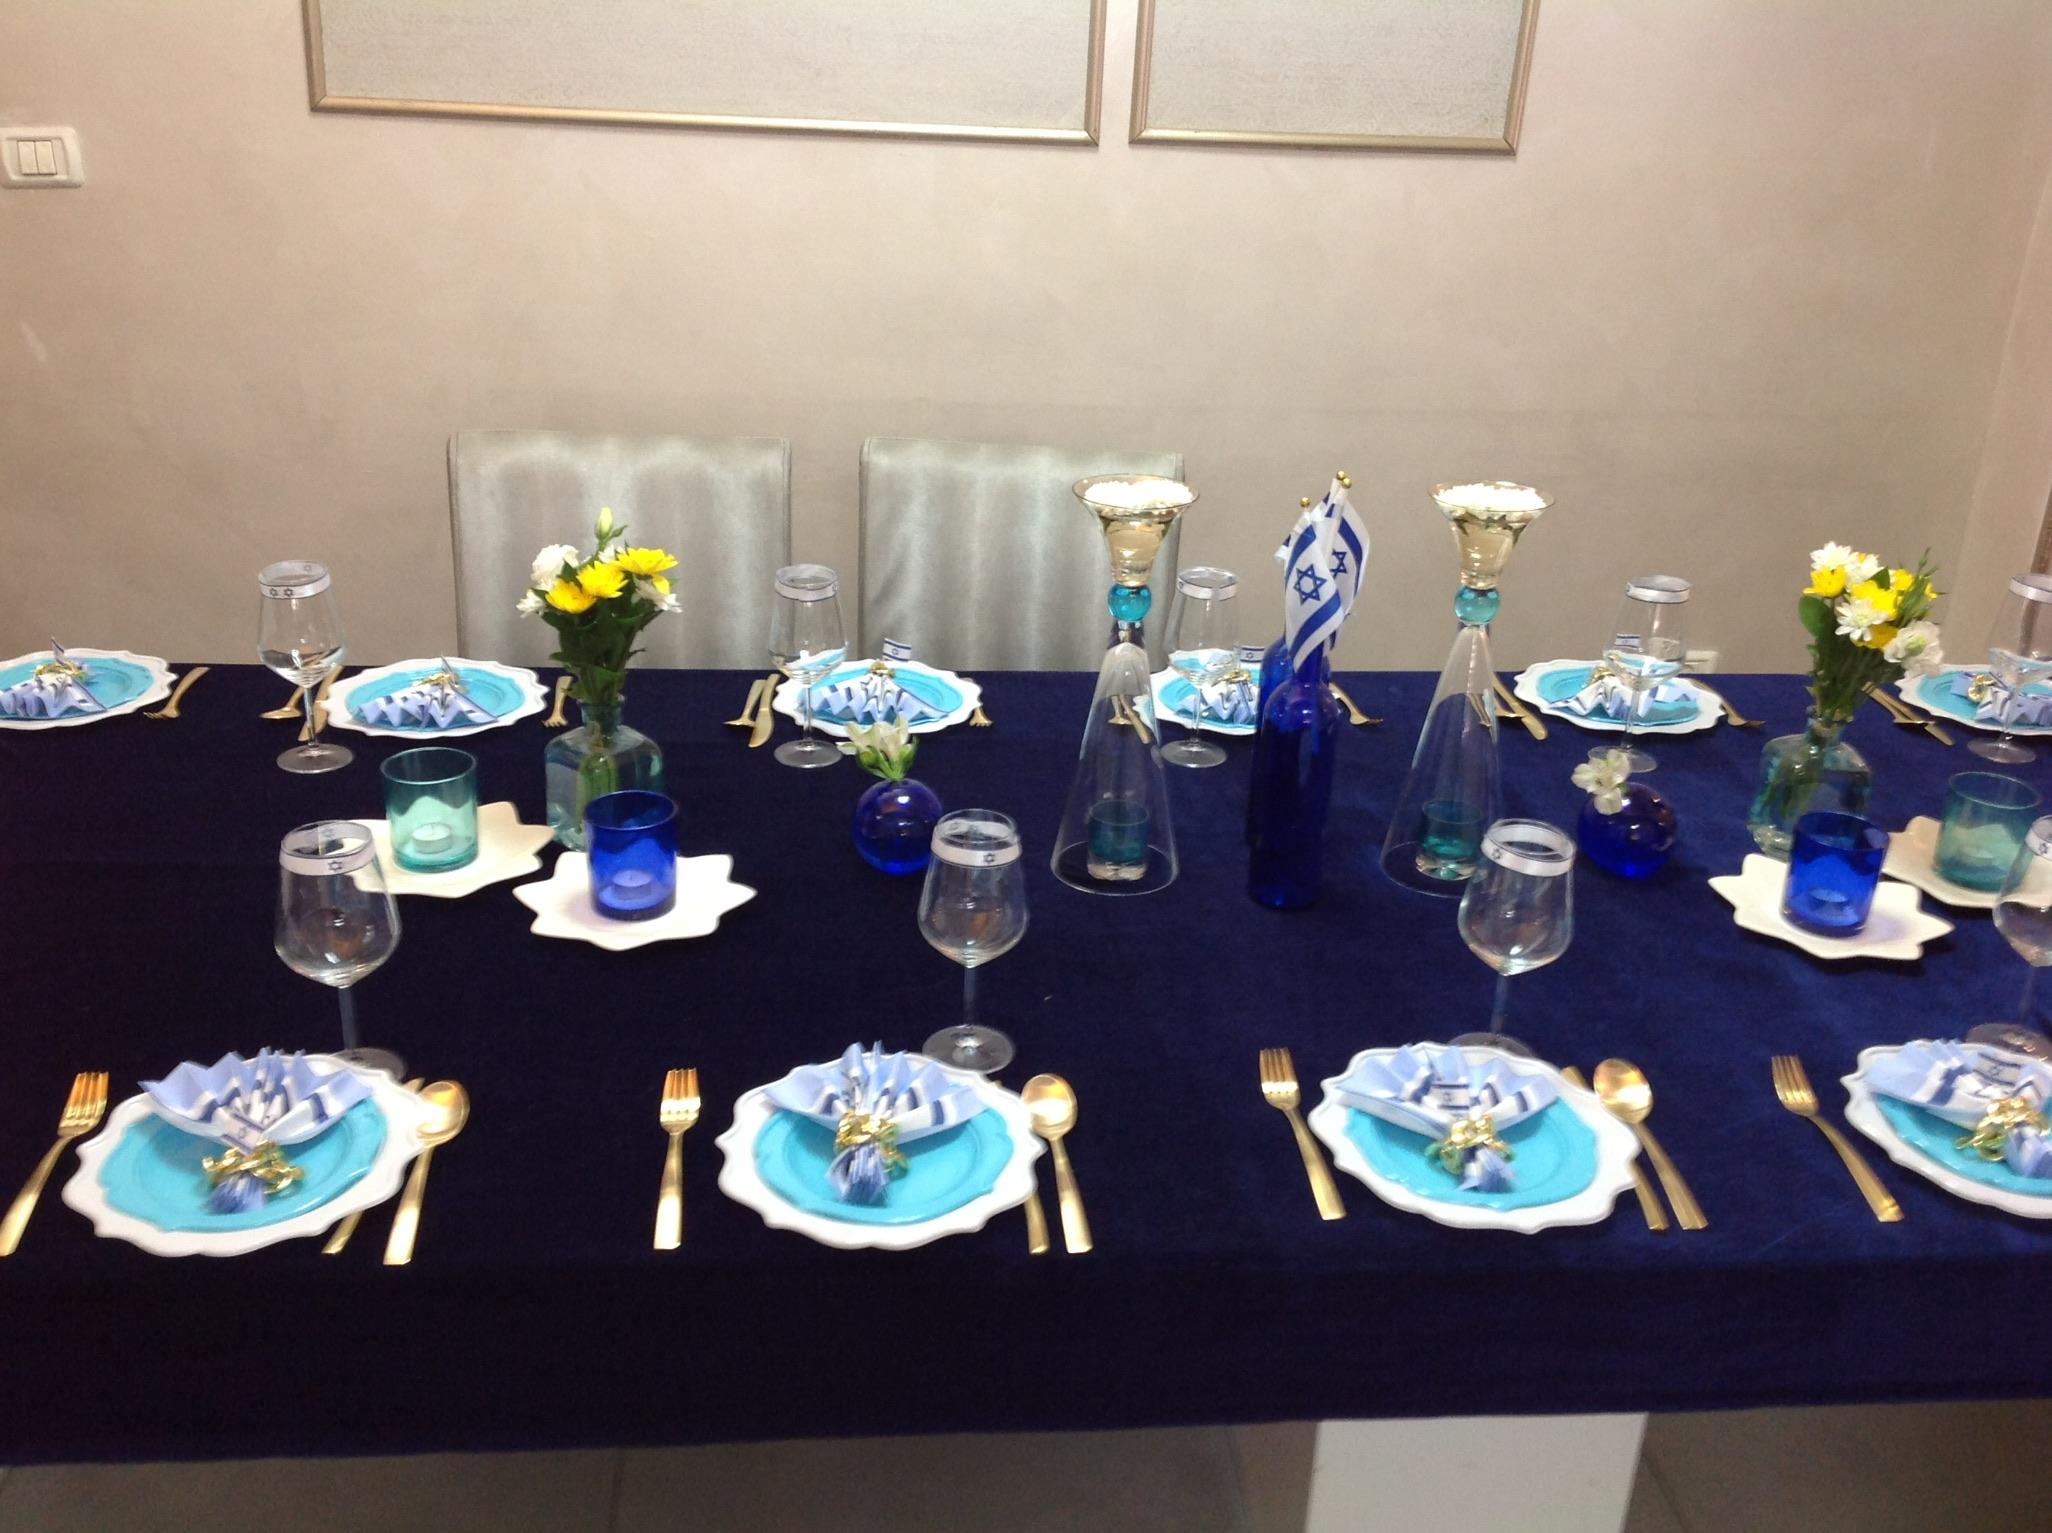 צפו בעריכת שולחן השבת של אפרת פטרזייל